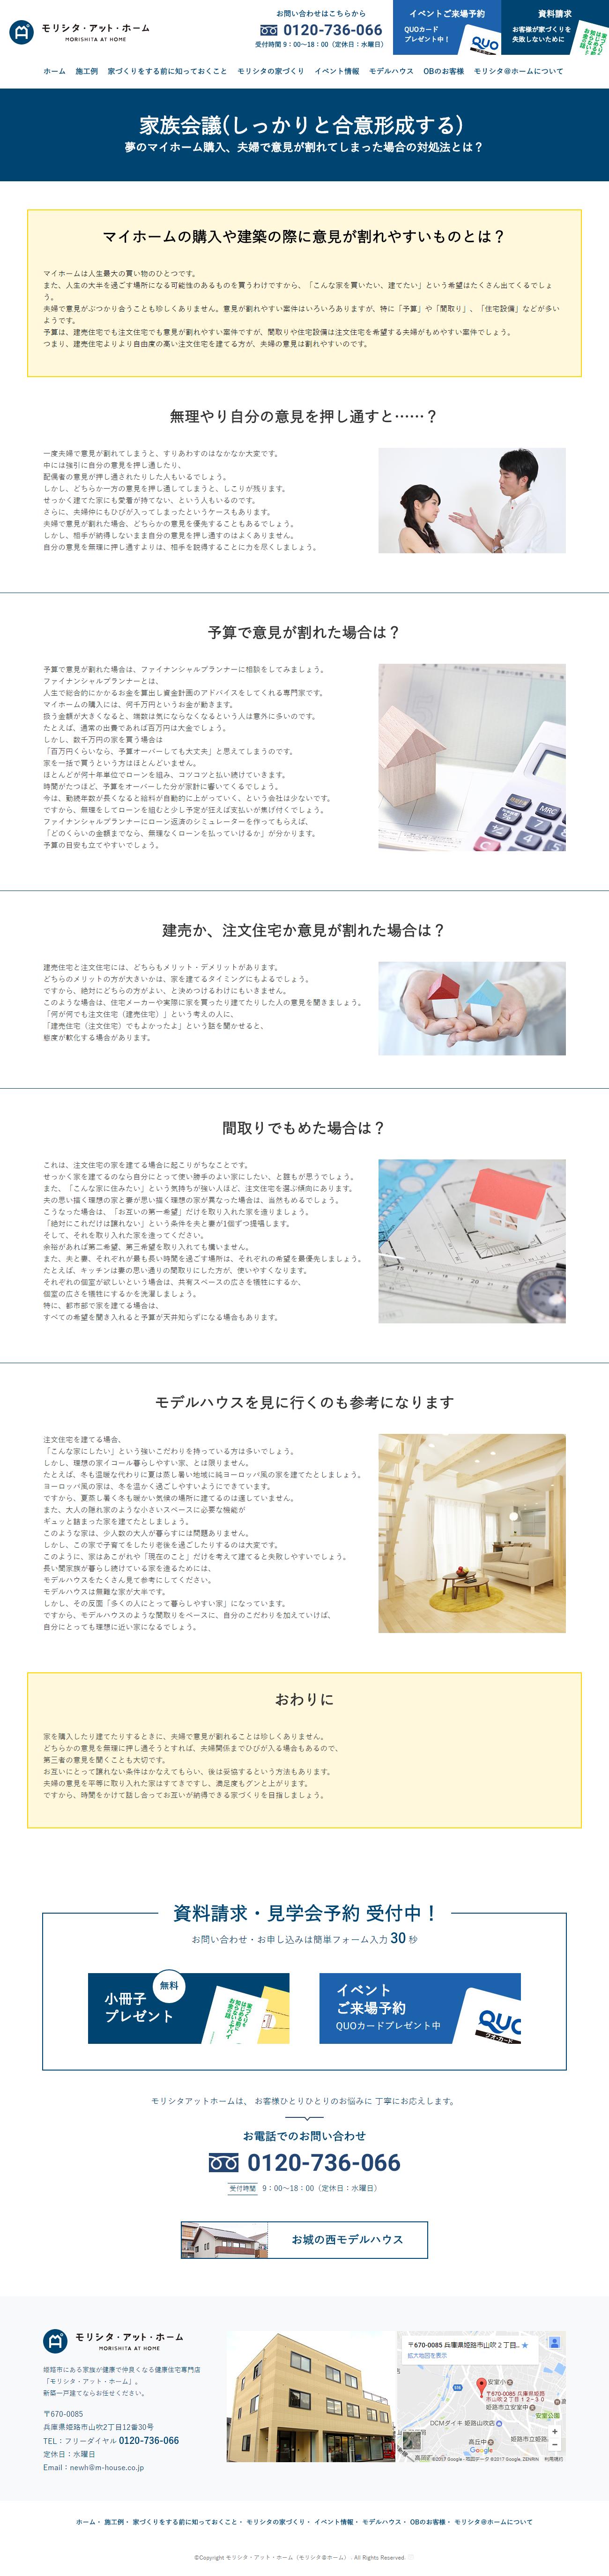 株式会社モリシタ・アット・ホーム様2